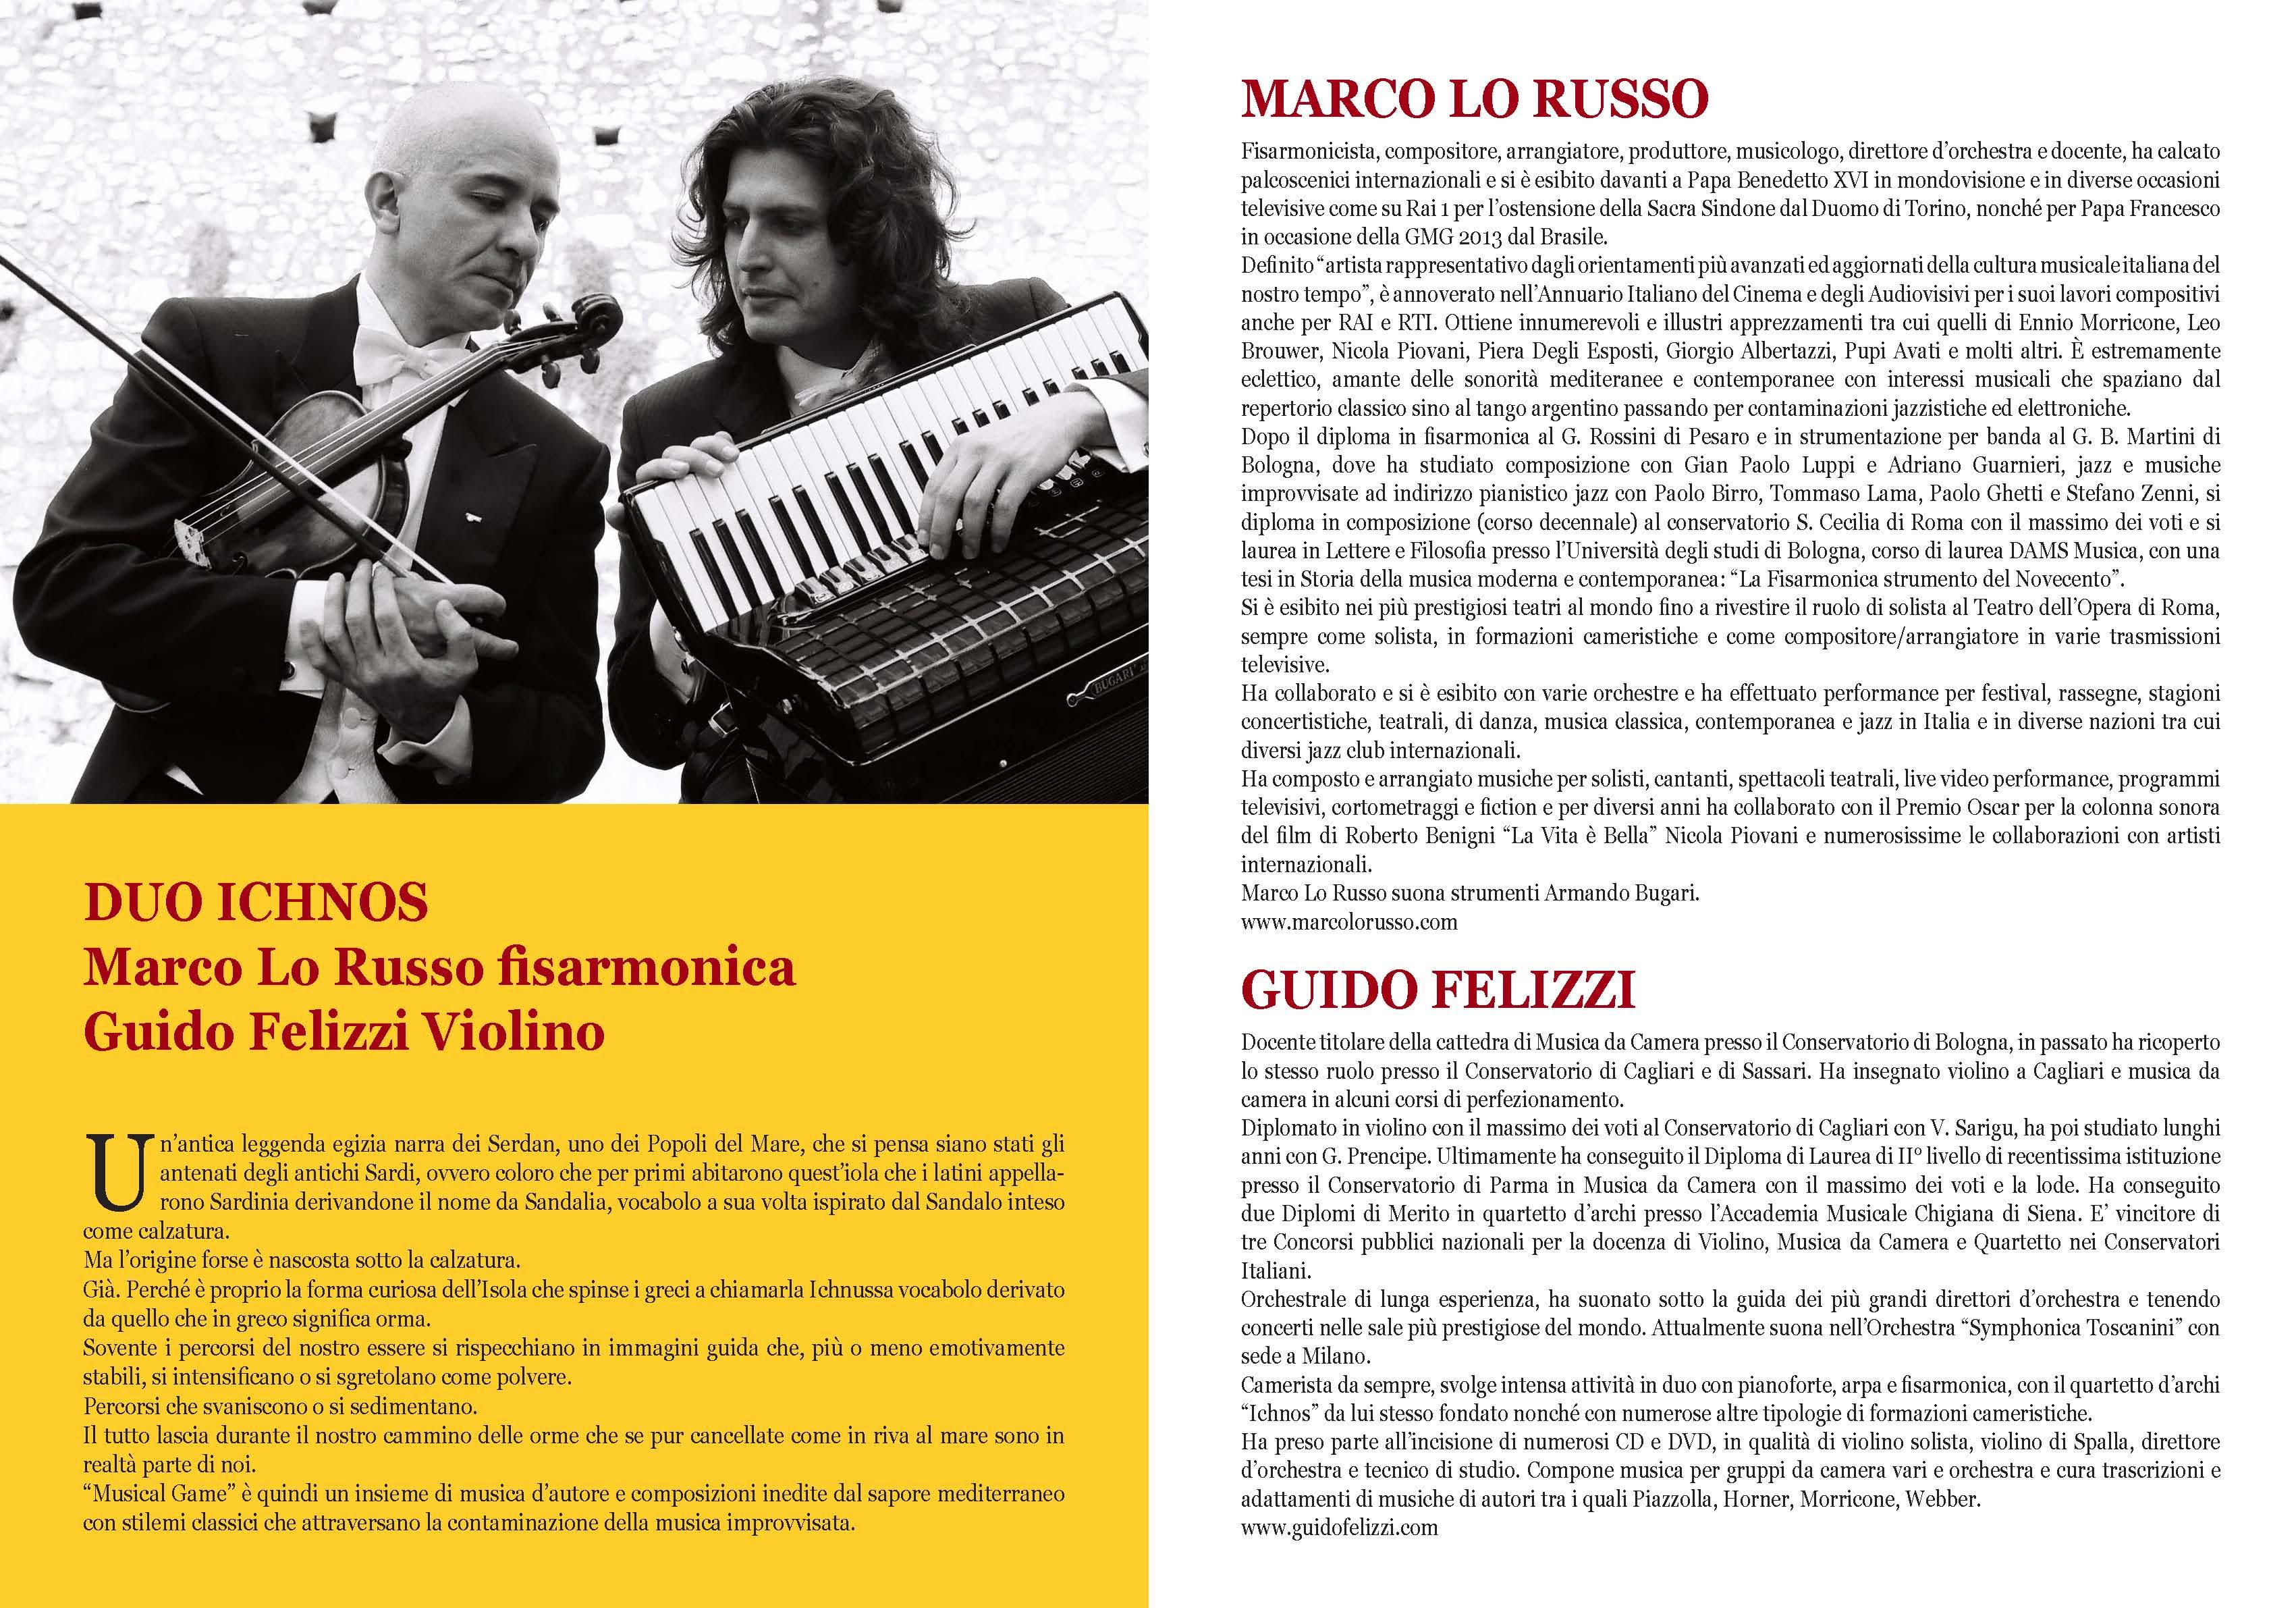 Allegro con Brio Piacenza Sala dei Teatini Marco Lo Russo Guido Felizzi duo Ichnos